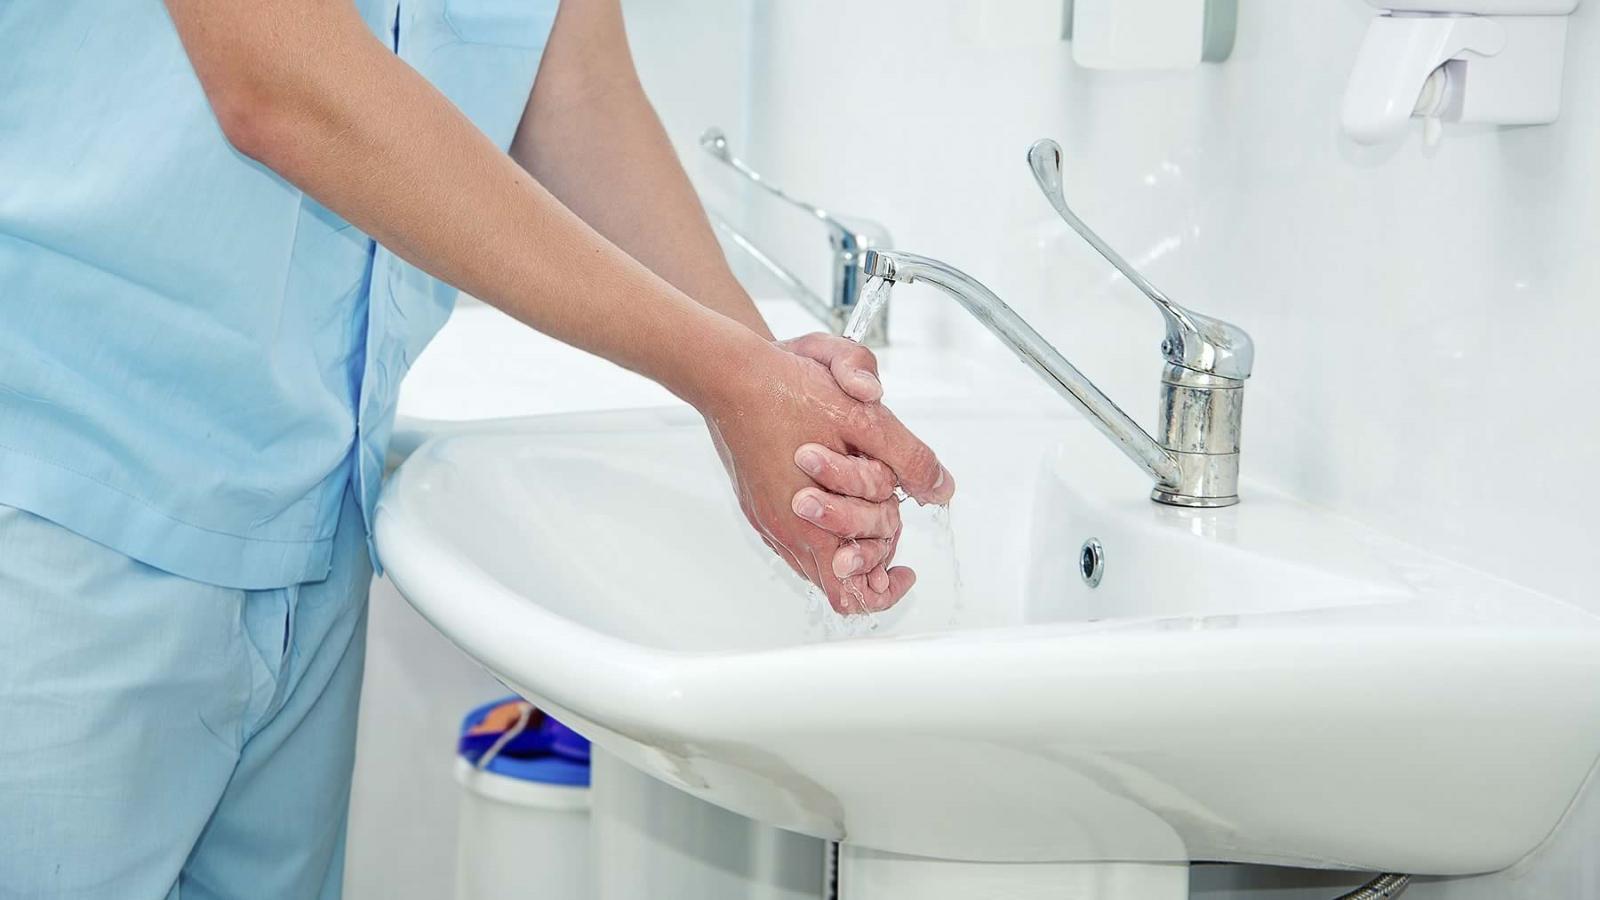 Москве удалось пресечь распространение внутрибольничных инфекций